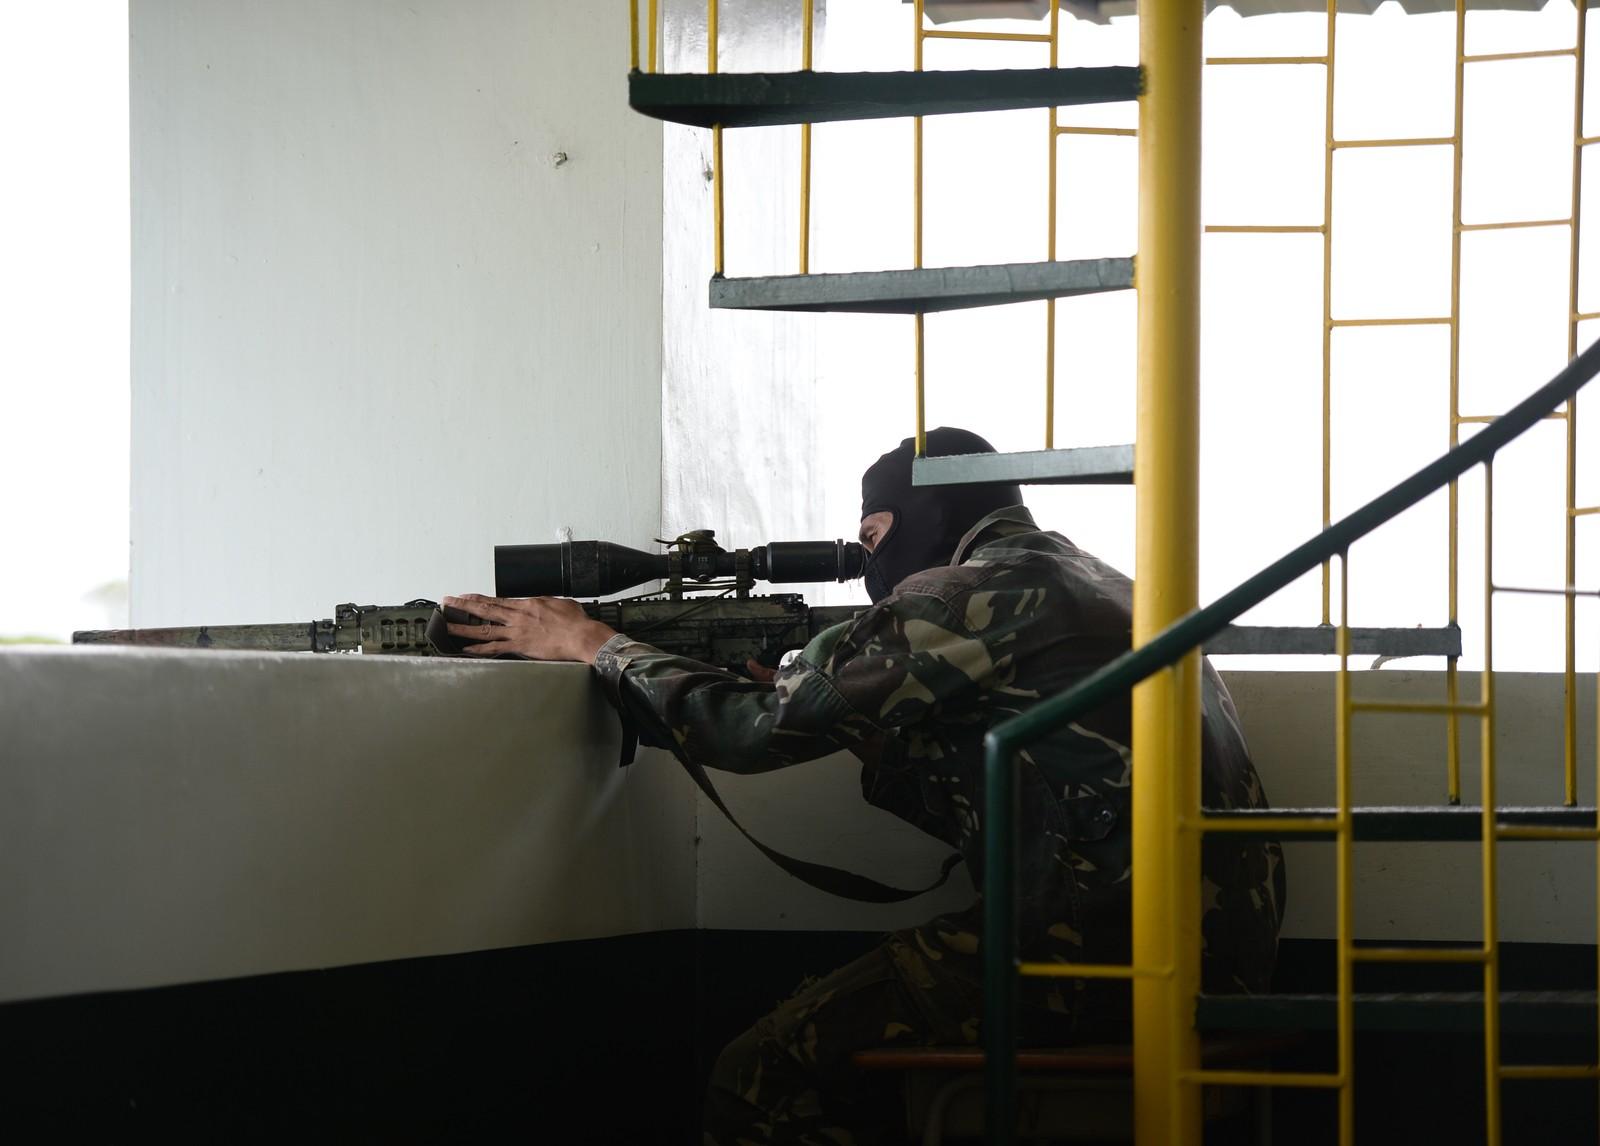 Скандал: в Москве обстреляли квартиру ярого украинофоба